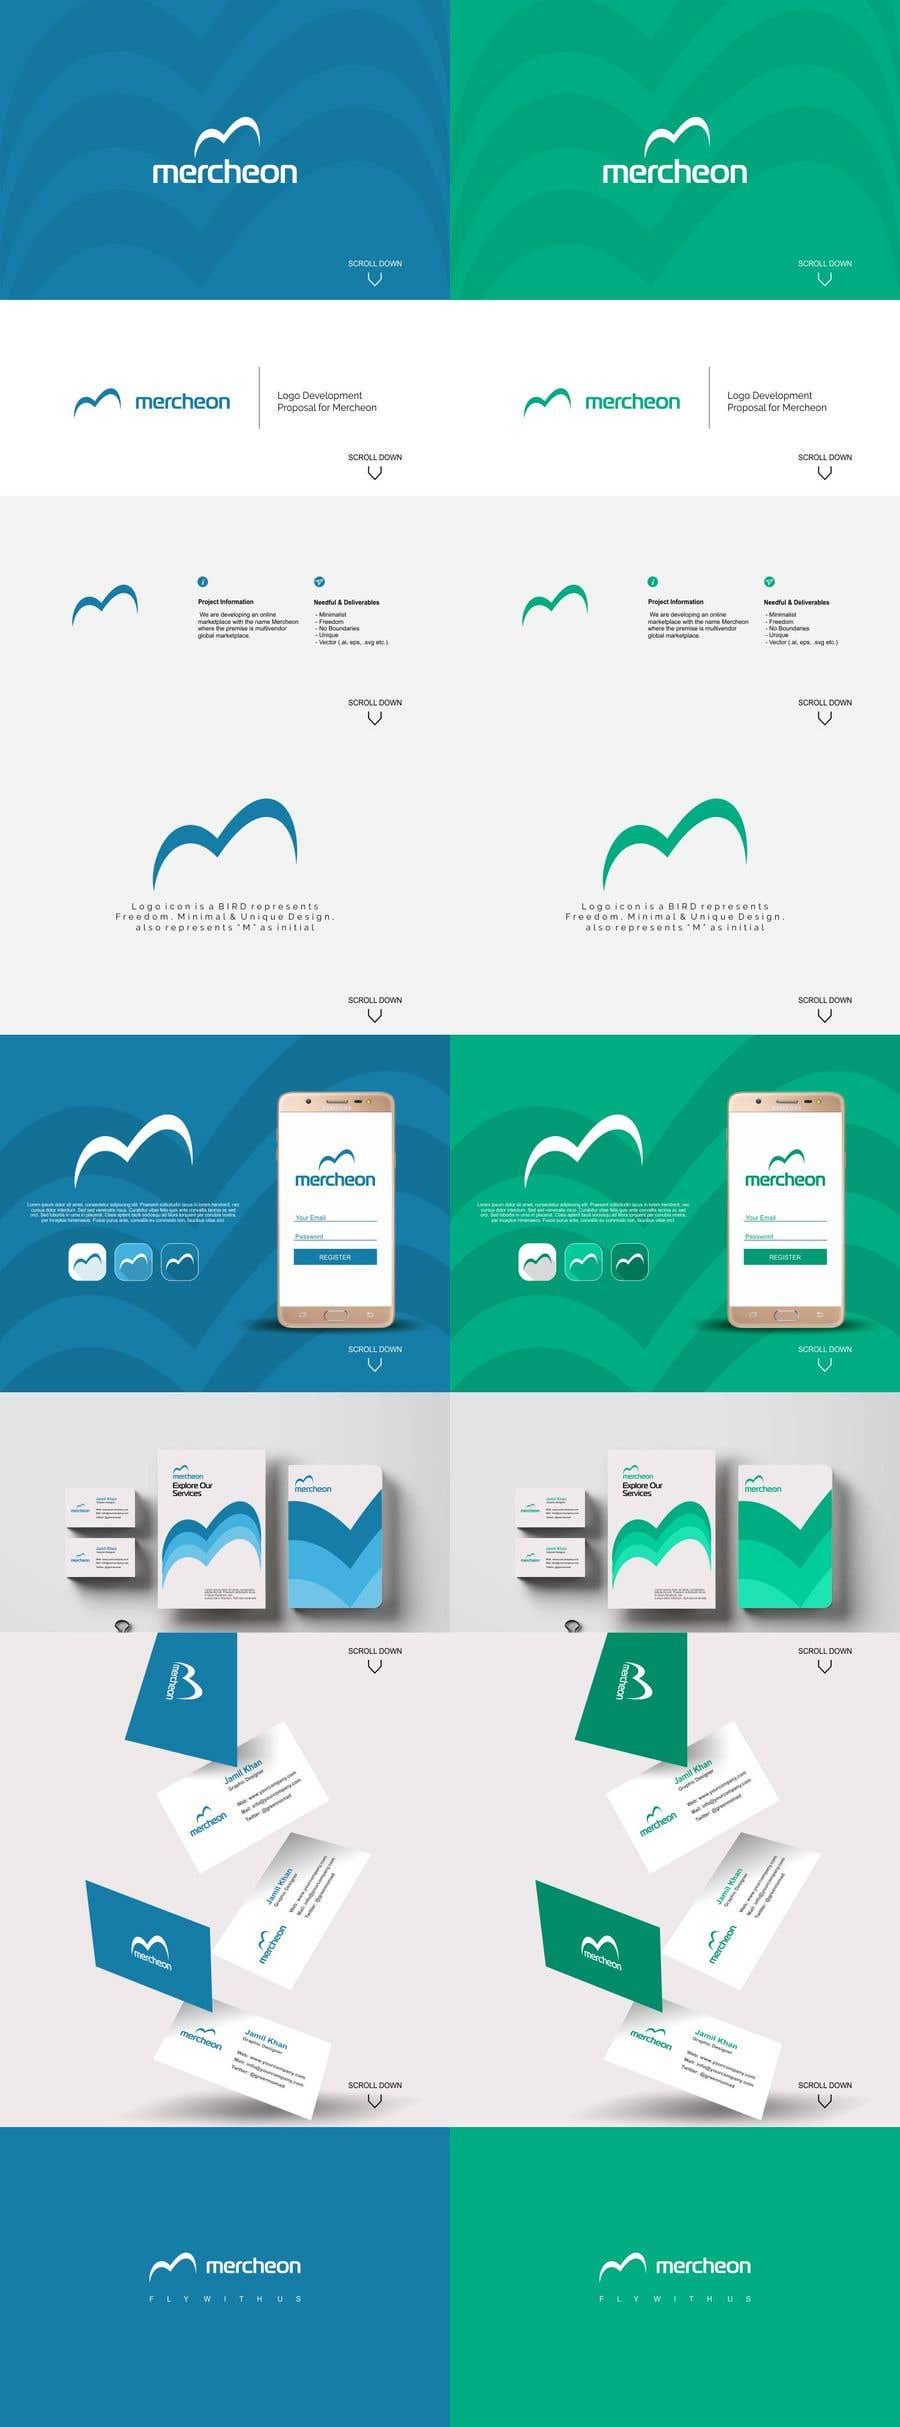 Proposition n°618 du concours Logo Design for E-commerce Marketplace